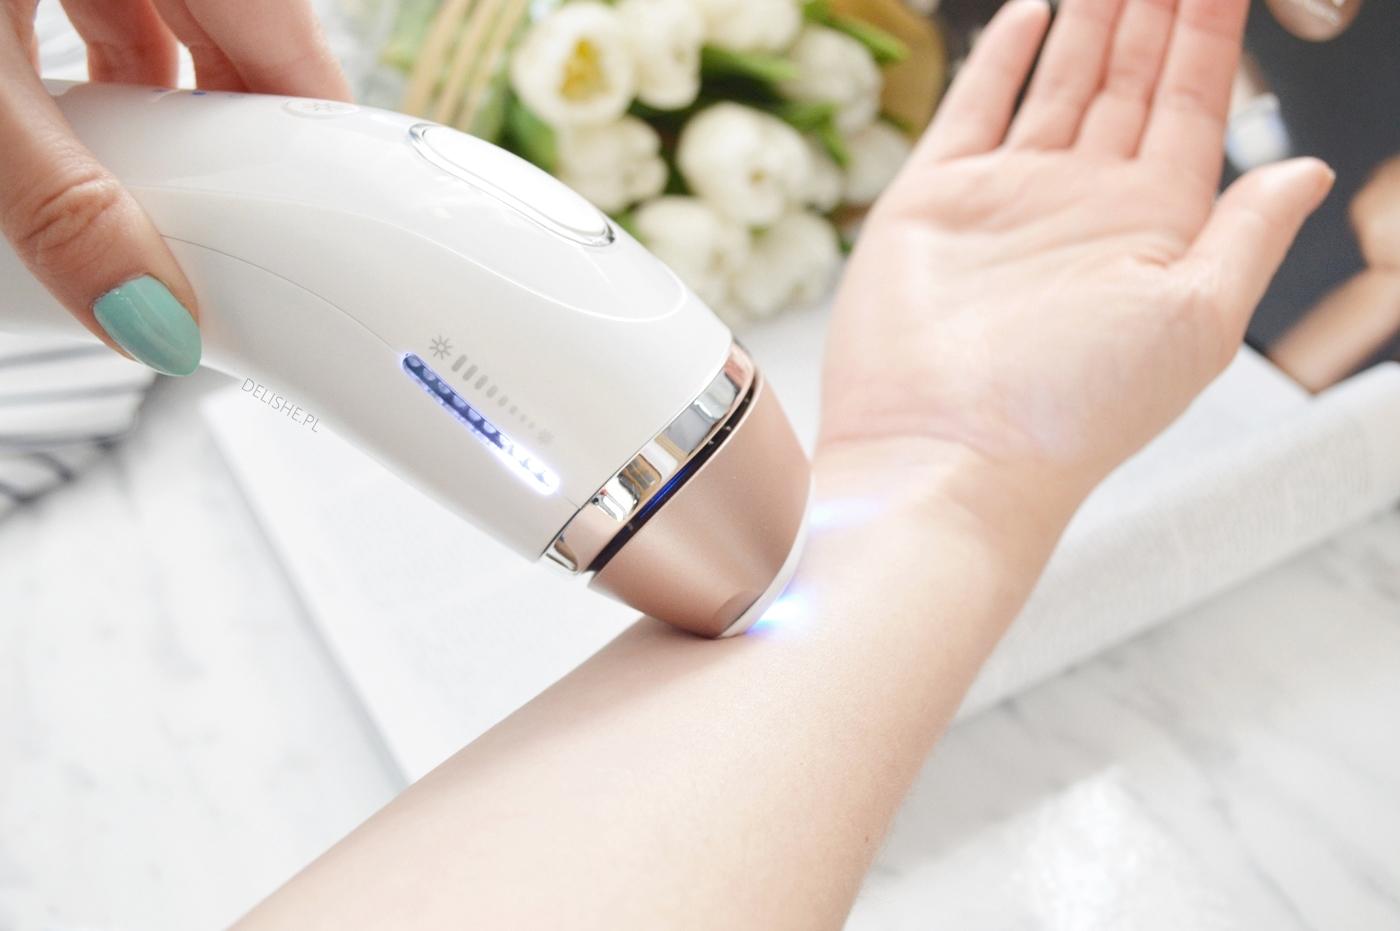 Czy używanie depilatora jest bolesne? Czy depilacja depilatorem boli?